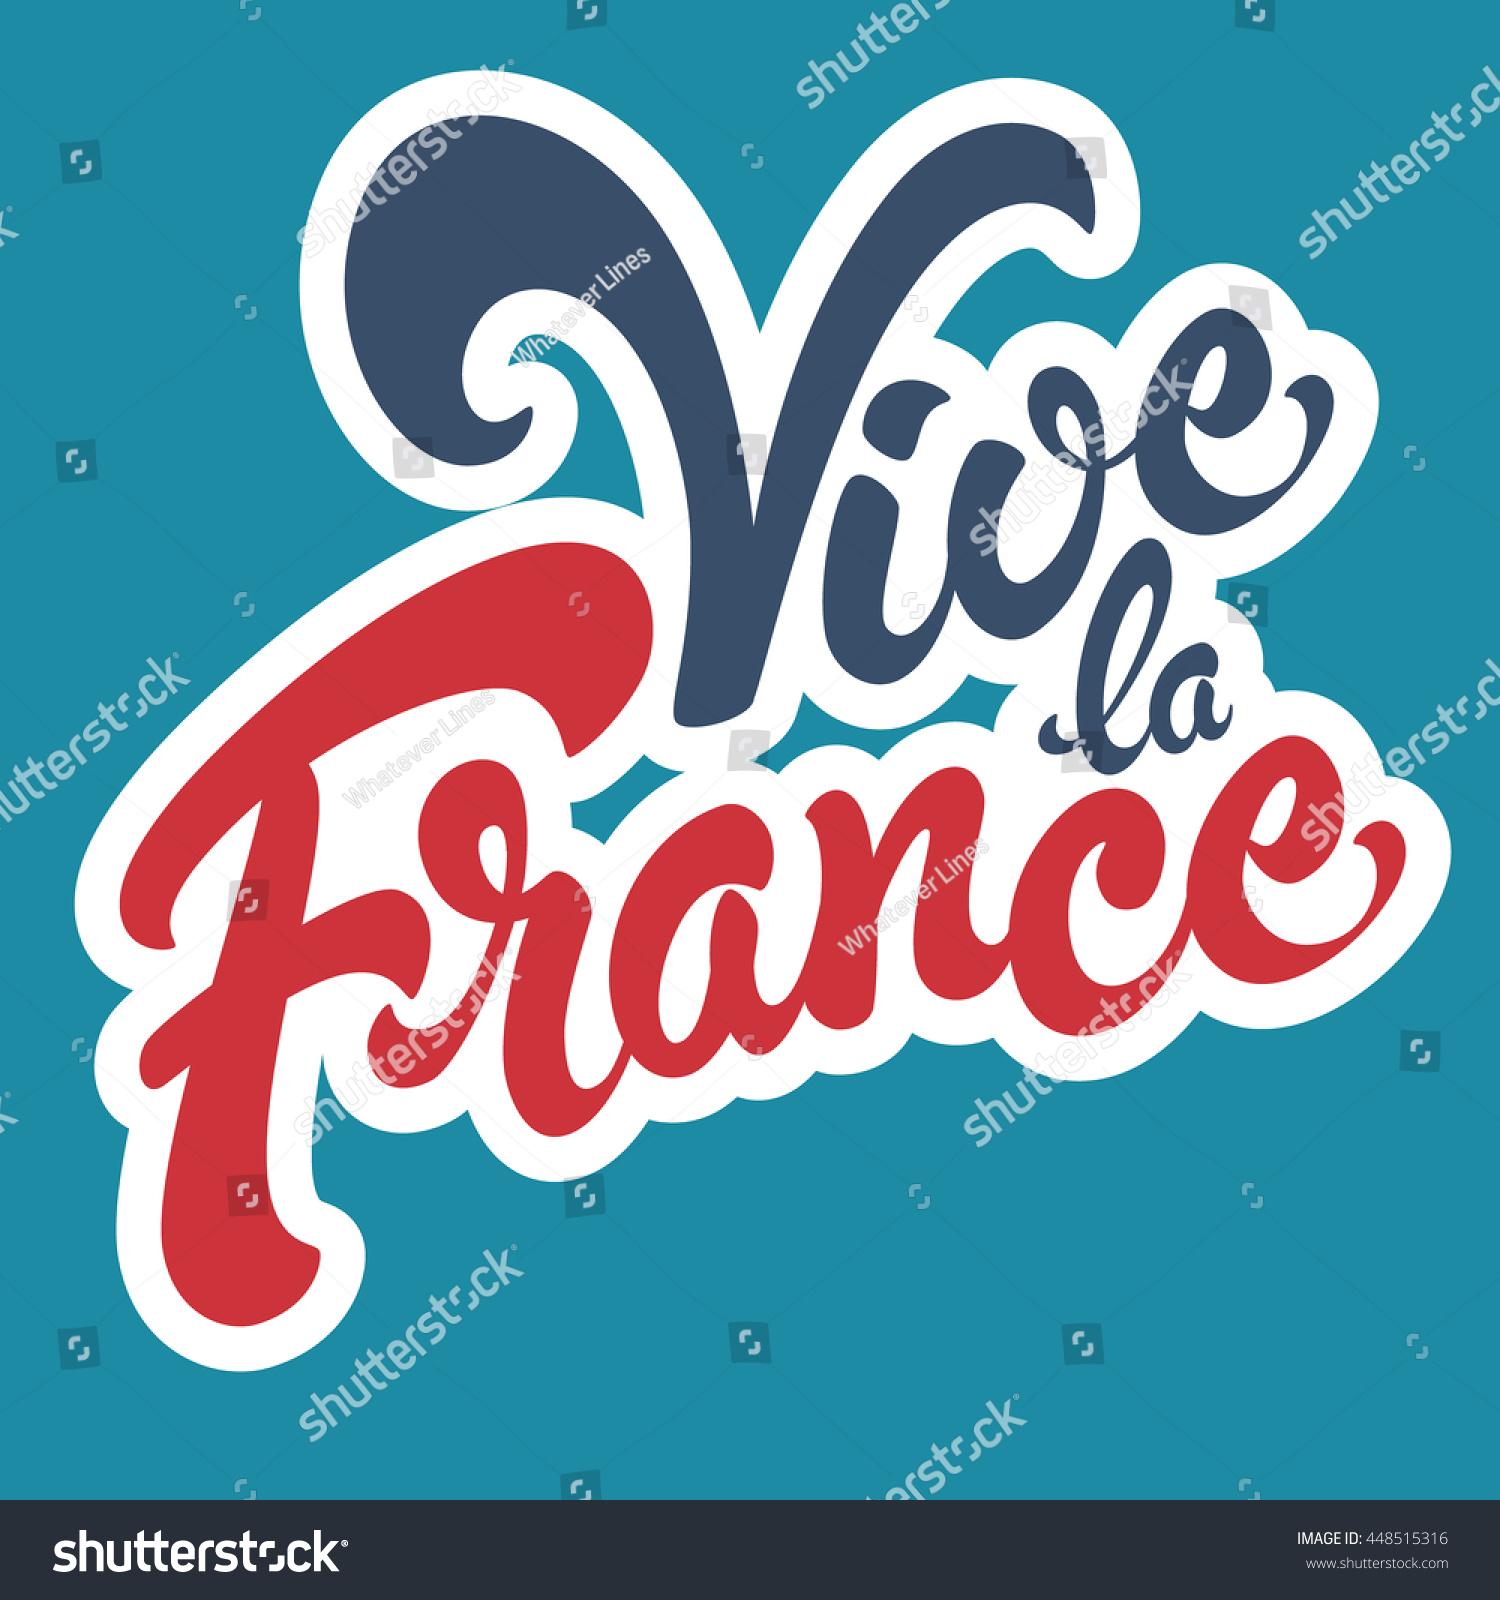 July 14 - 14 Images Celebrating Frances Bastille Day